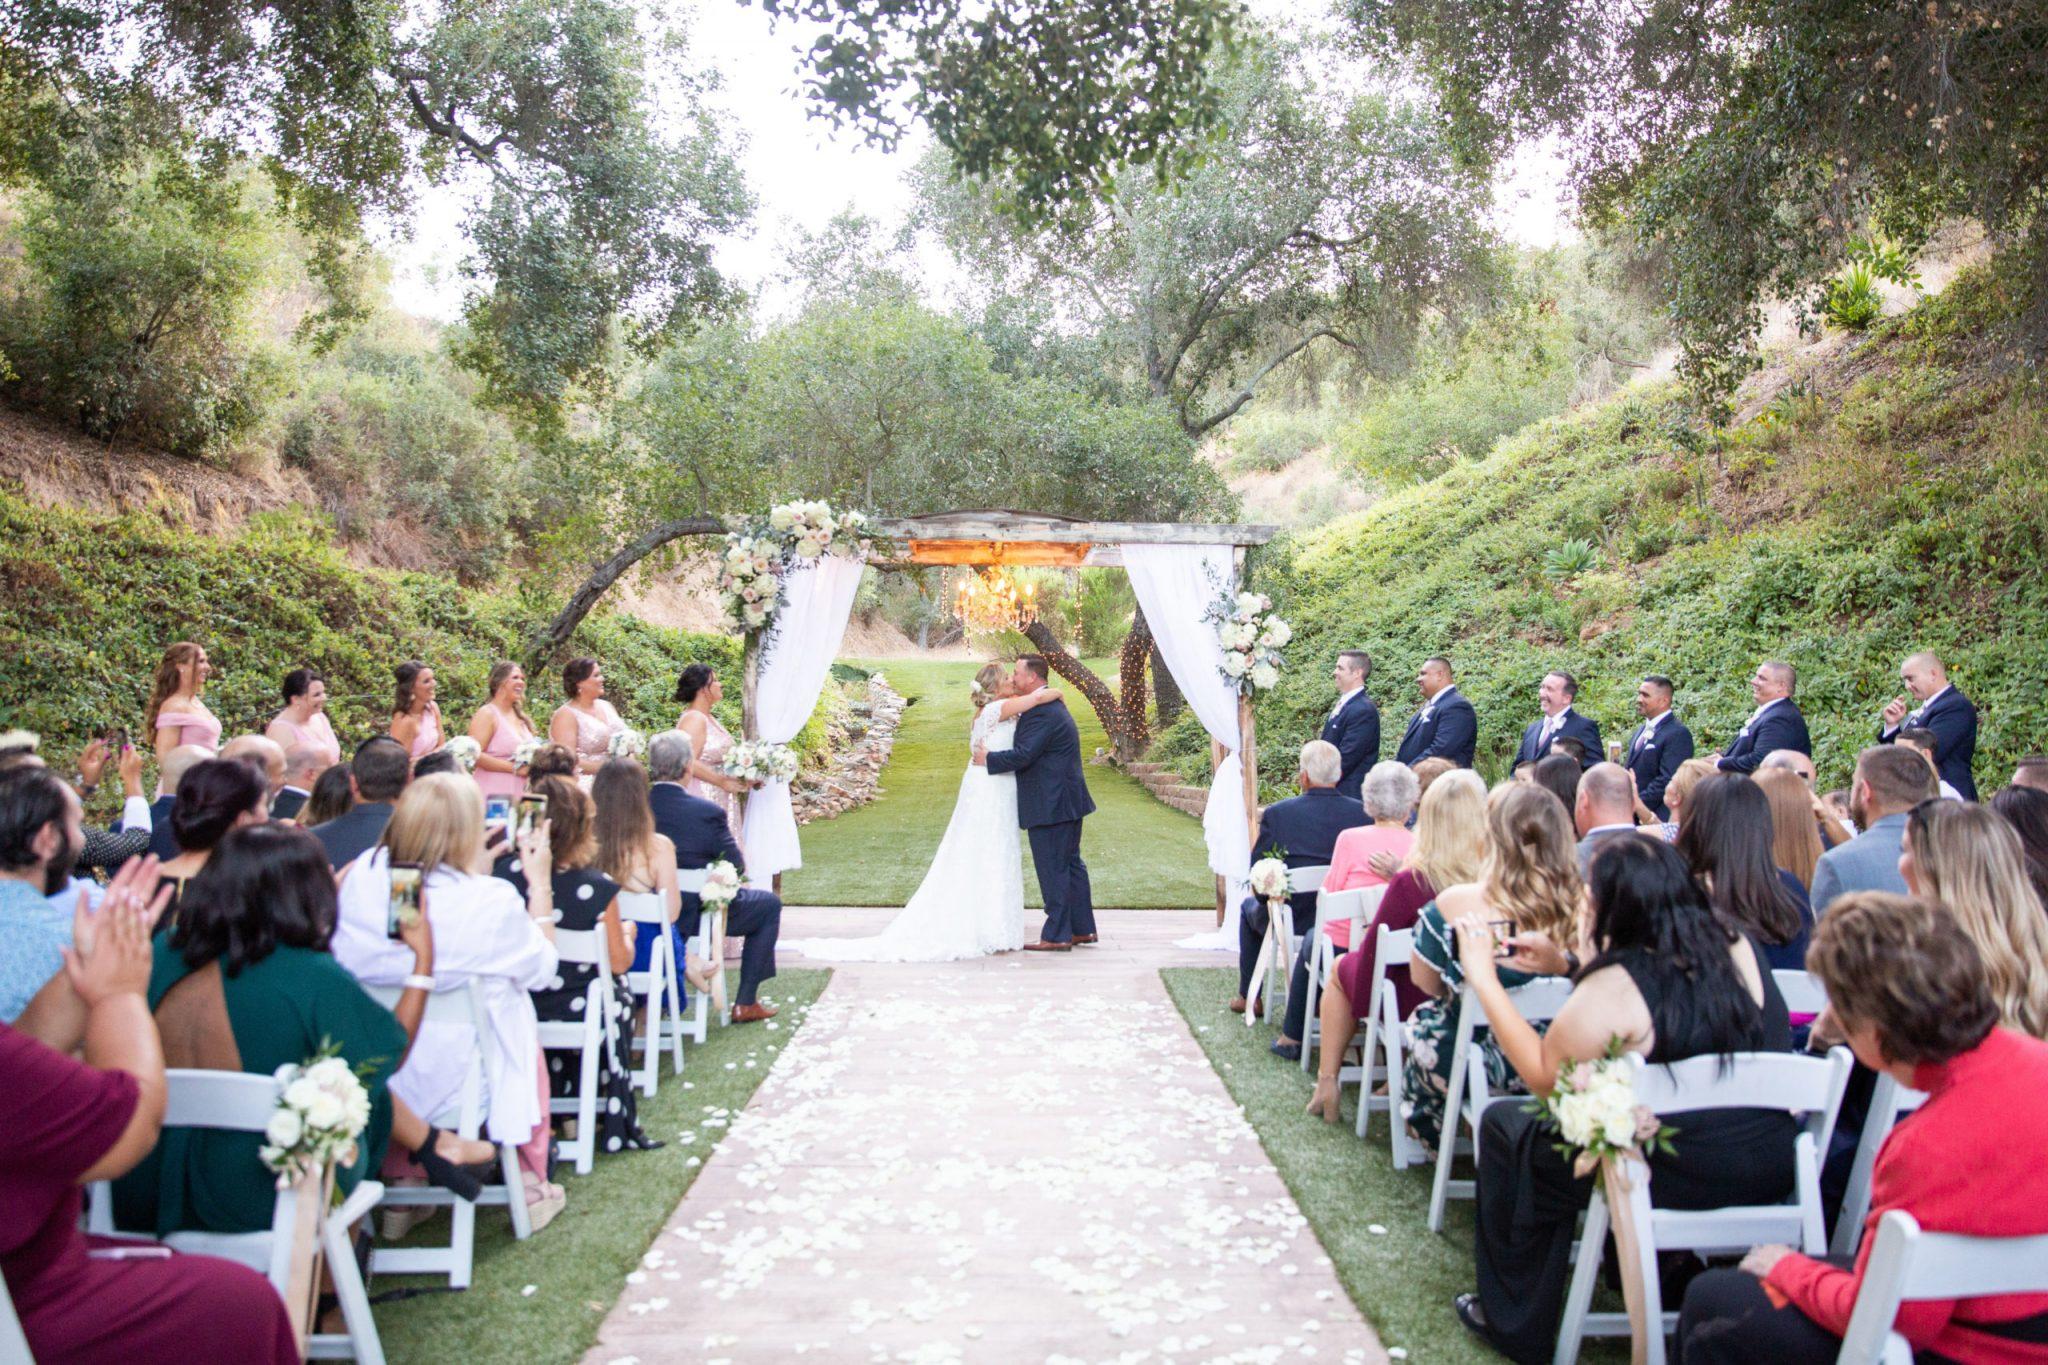 Matt Chrissy Wedding 3192 scaled